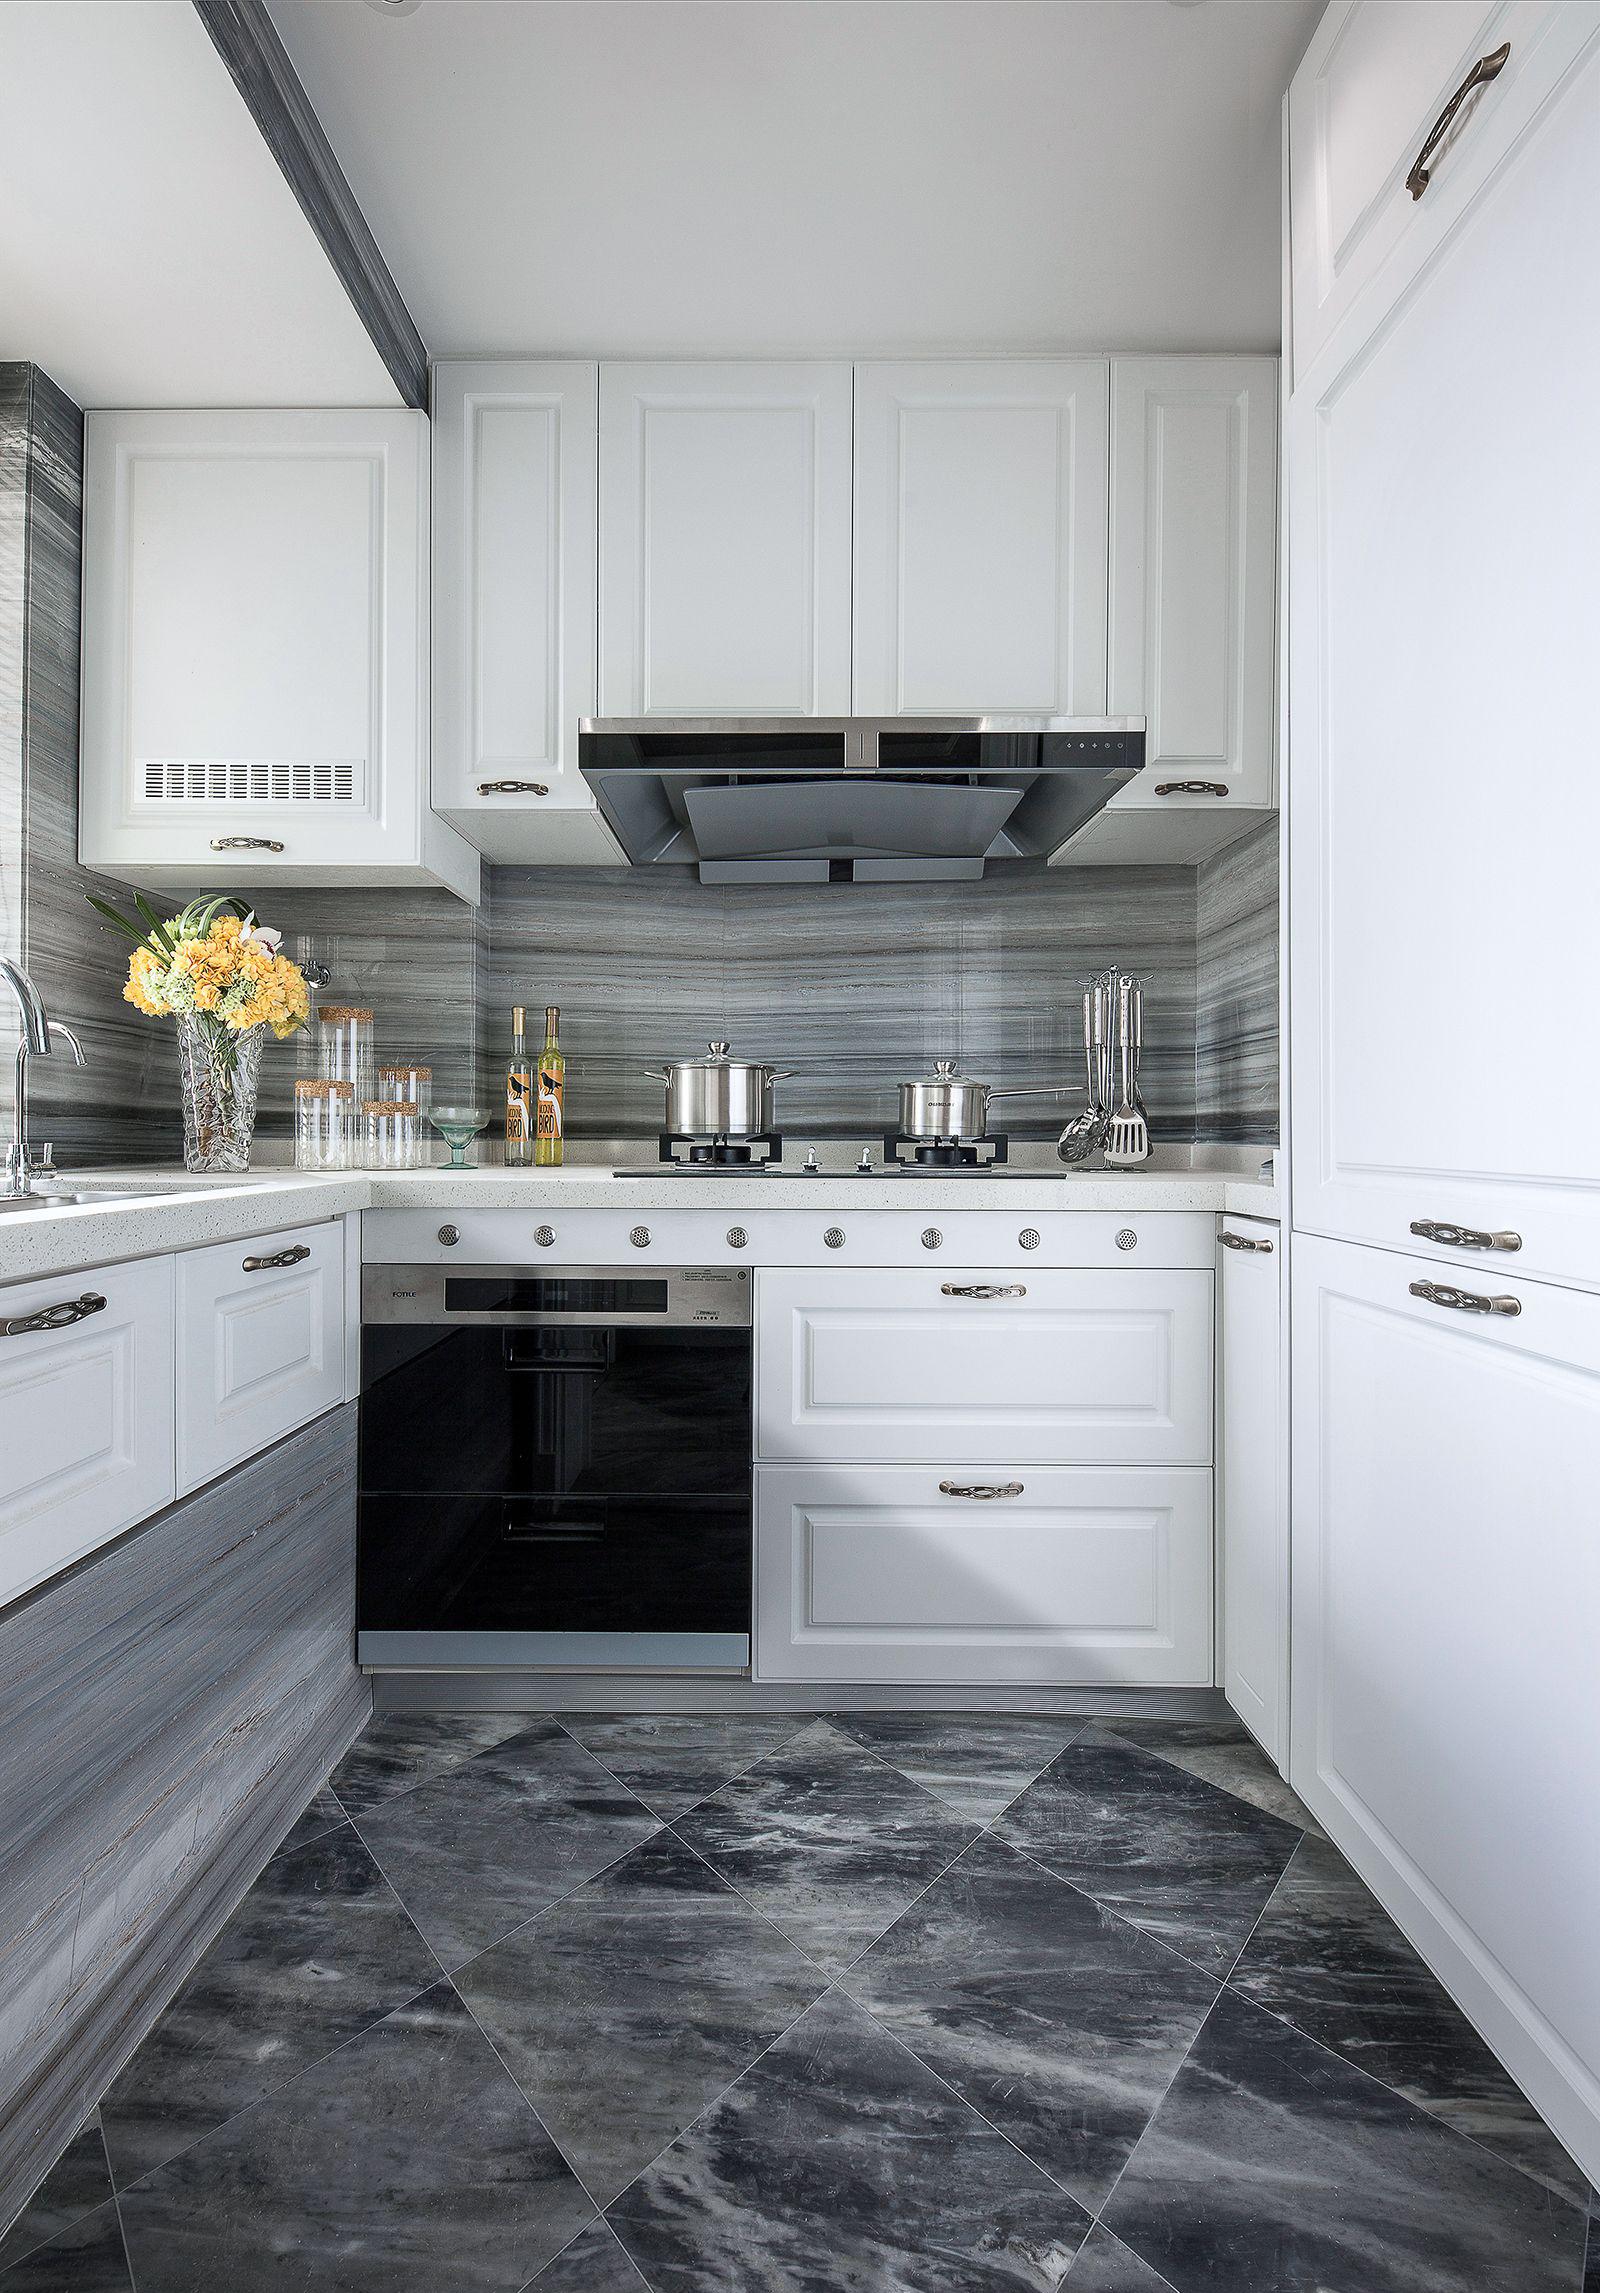 三居室简欧风厨房装修效果图